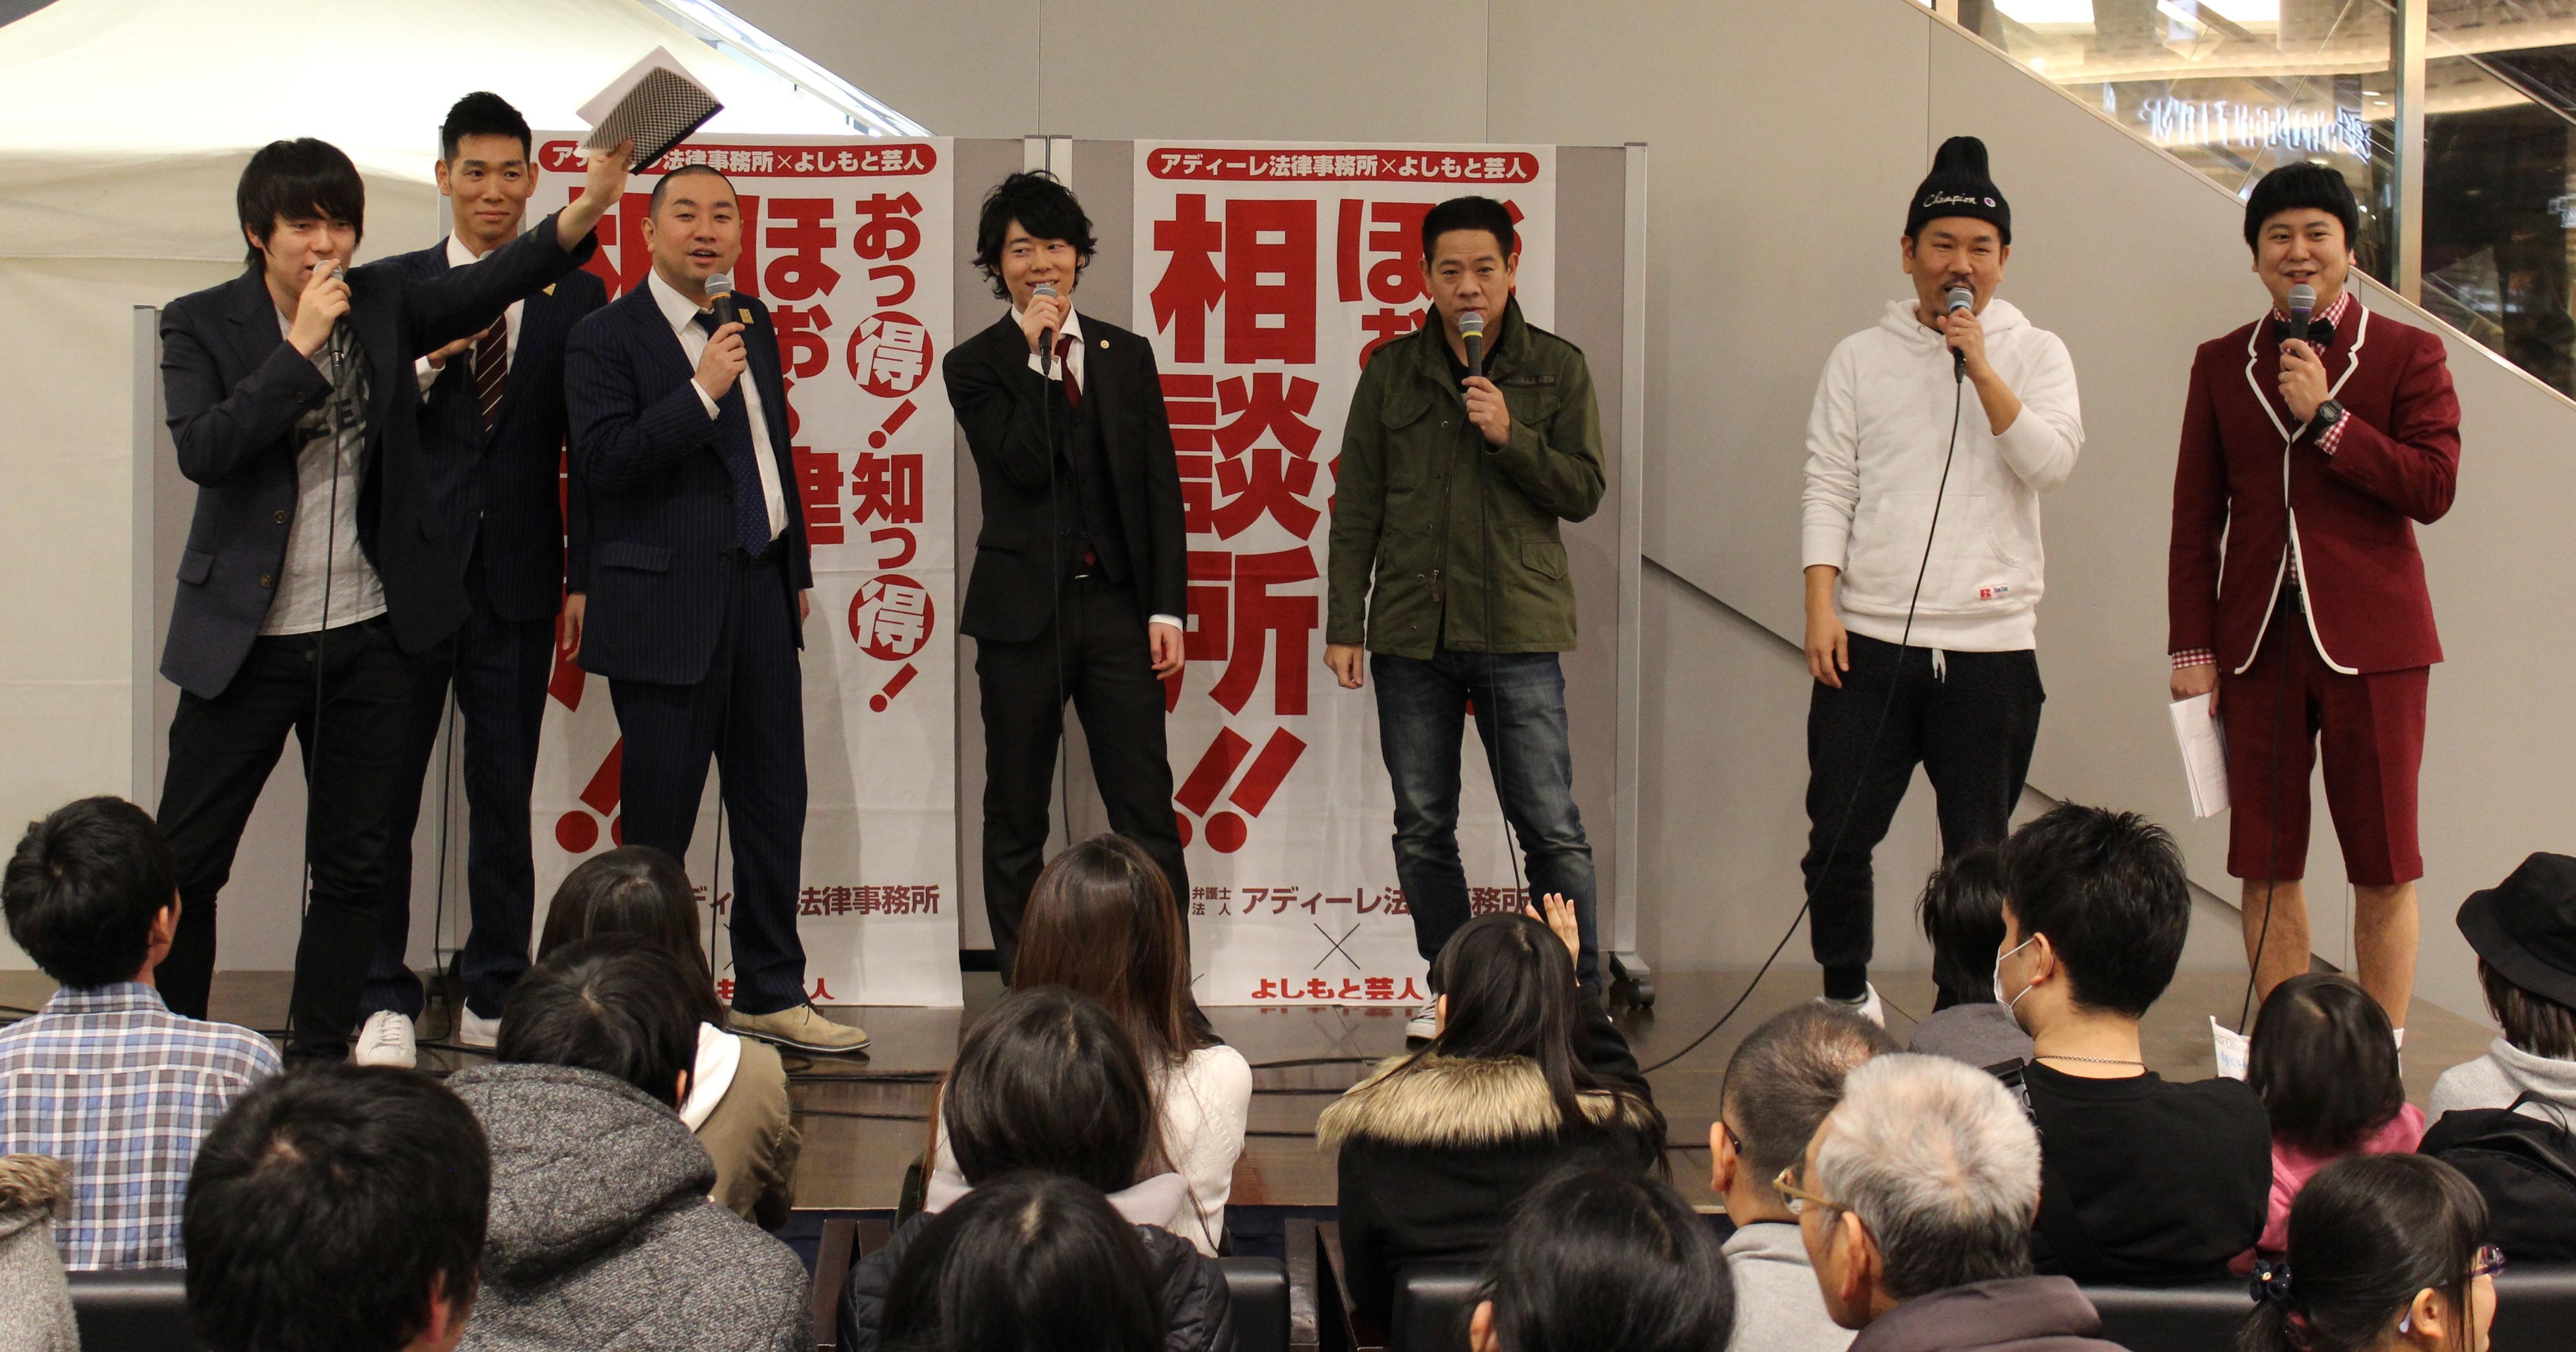 2016/3/12 イベント風景